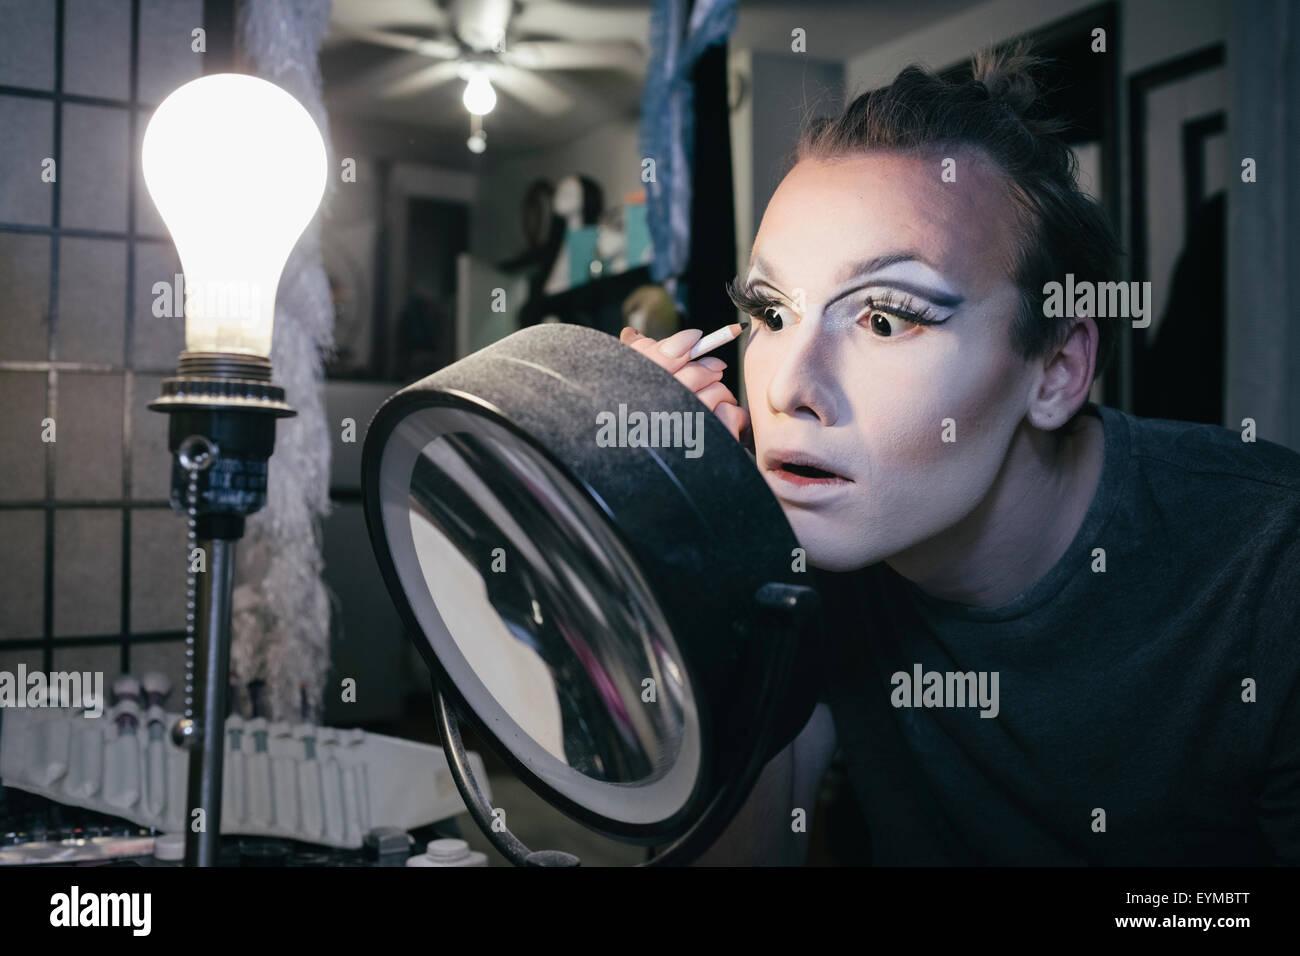 Maschio di drag queen mettendo su make up e vestirsi in prepration per una performance Immagini Stock